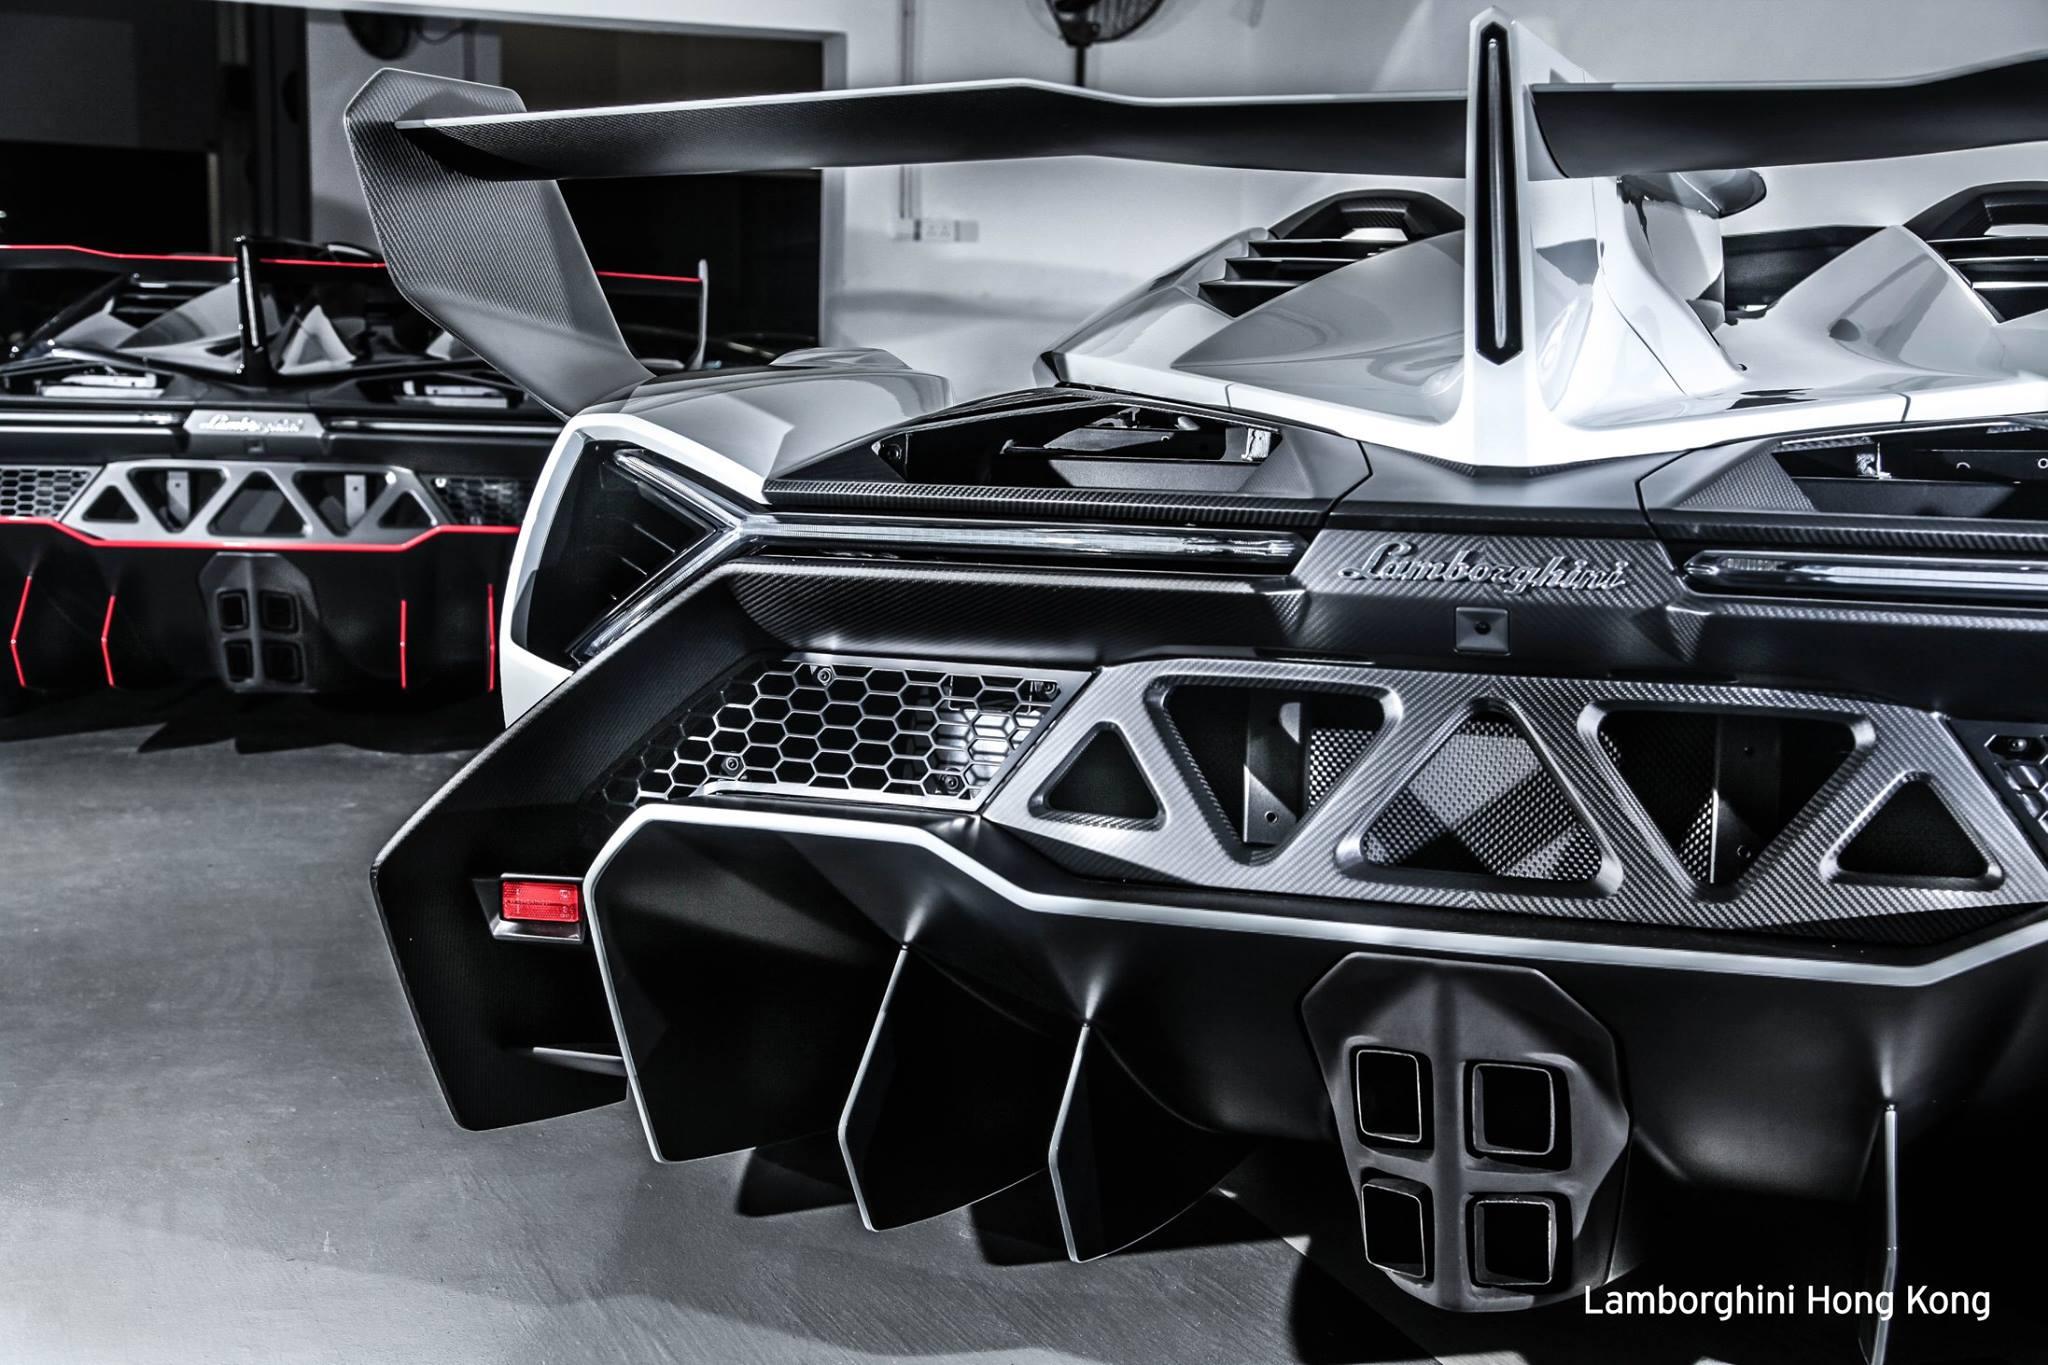 Lamborghini Hong Kong6